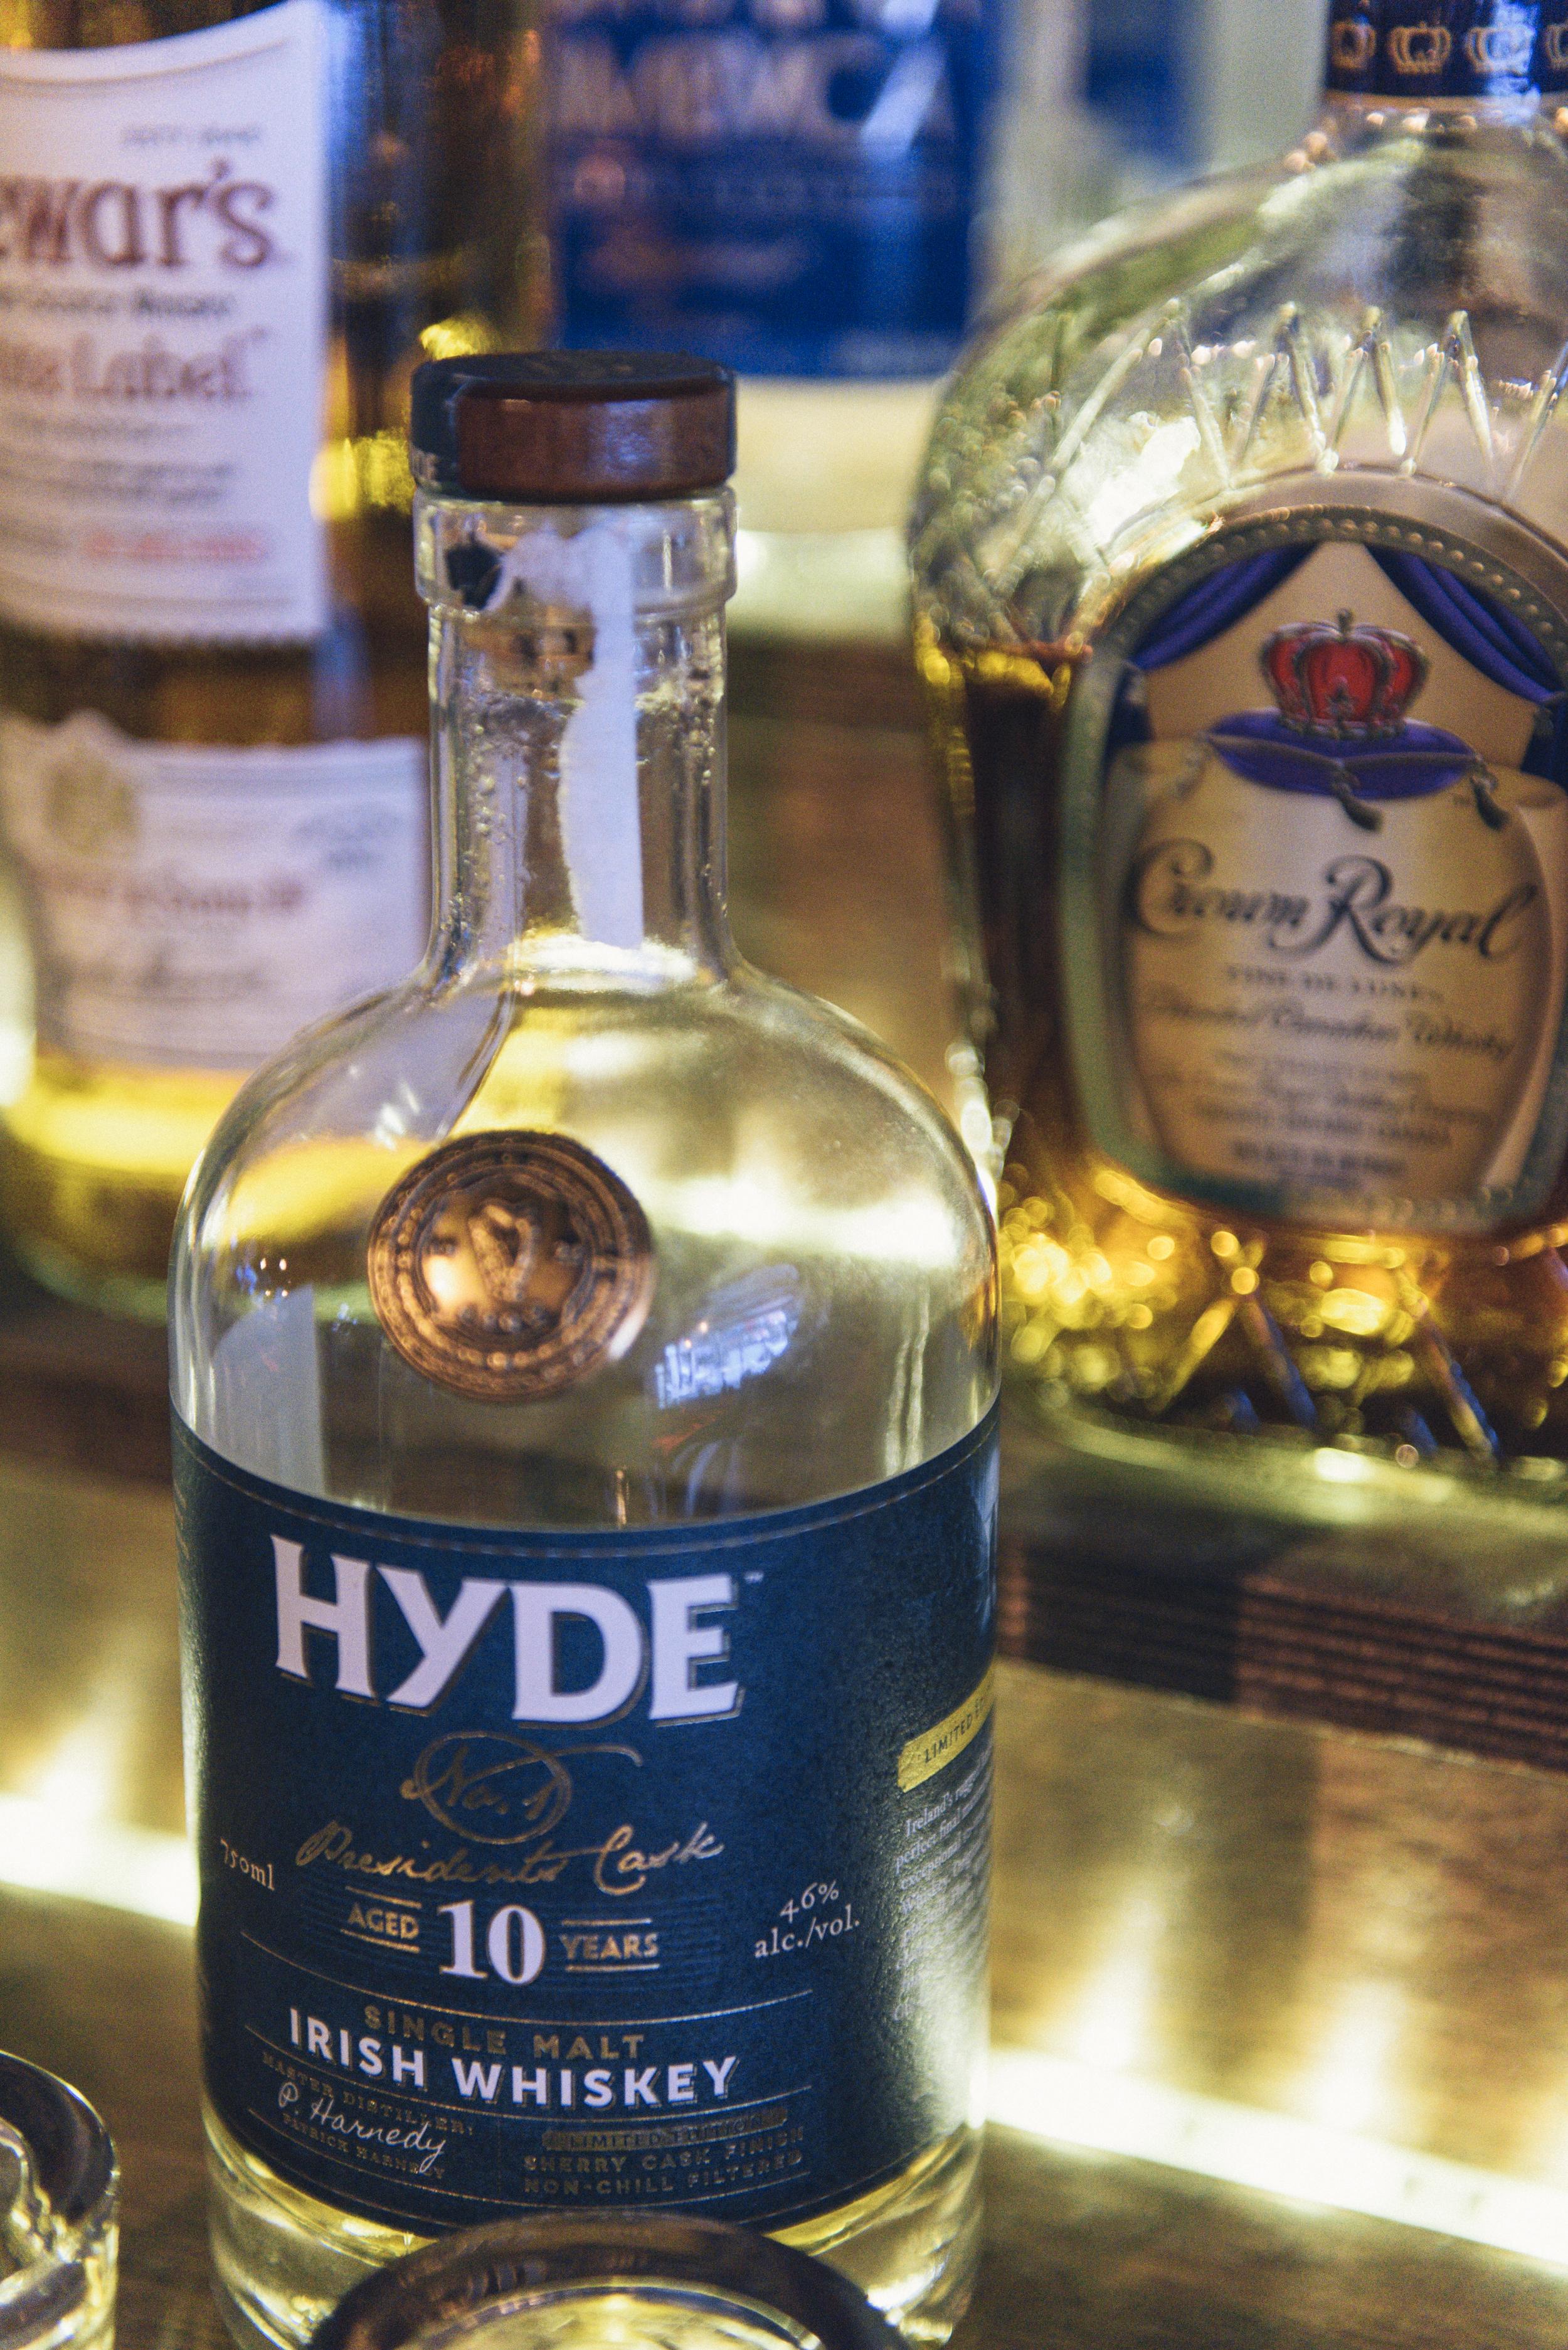 Close up of bottle of Hyde Irish Whiskey